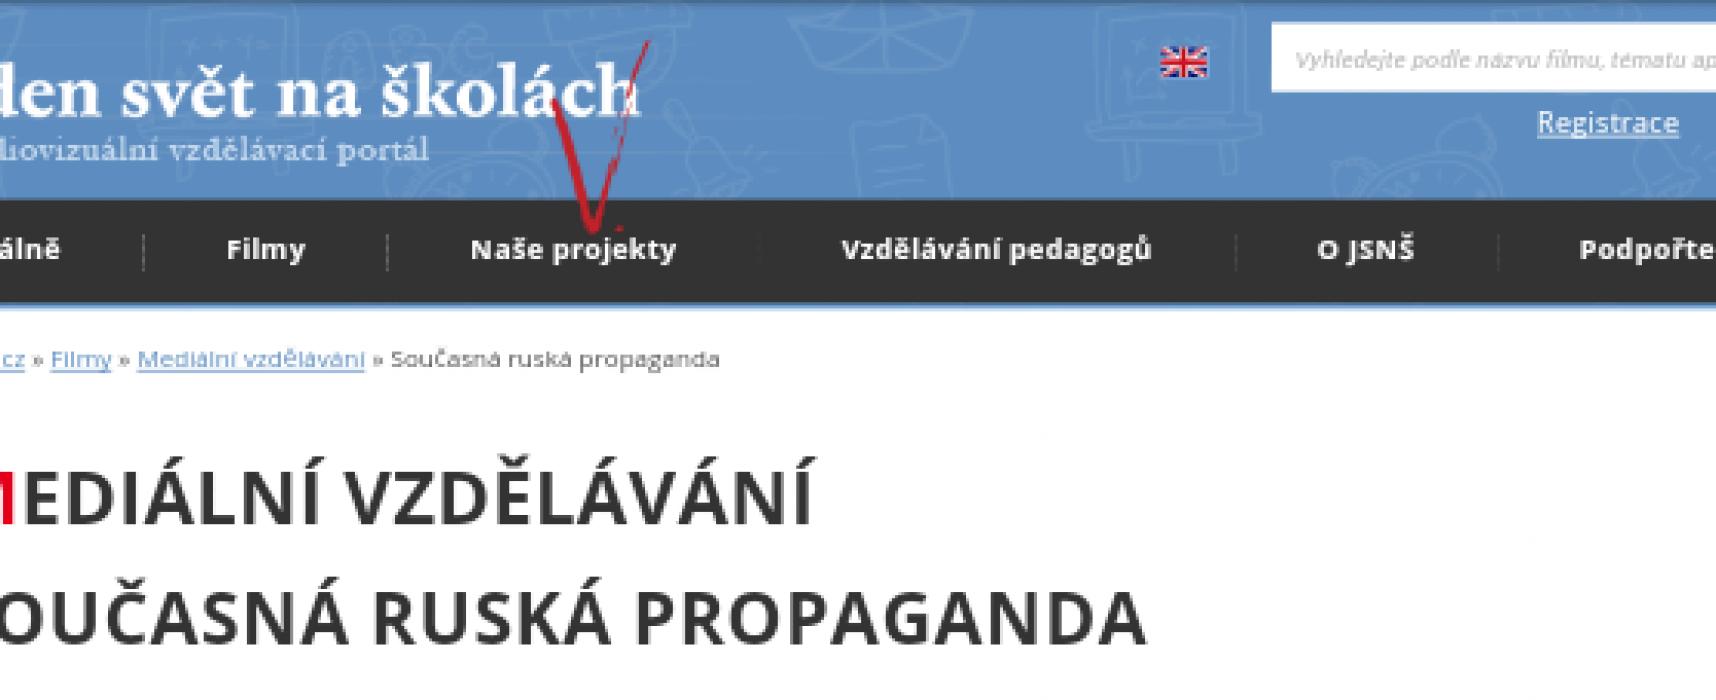 Медиаграмотност VS пропаганда: опитът на Чехия